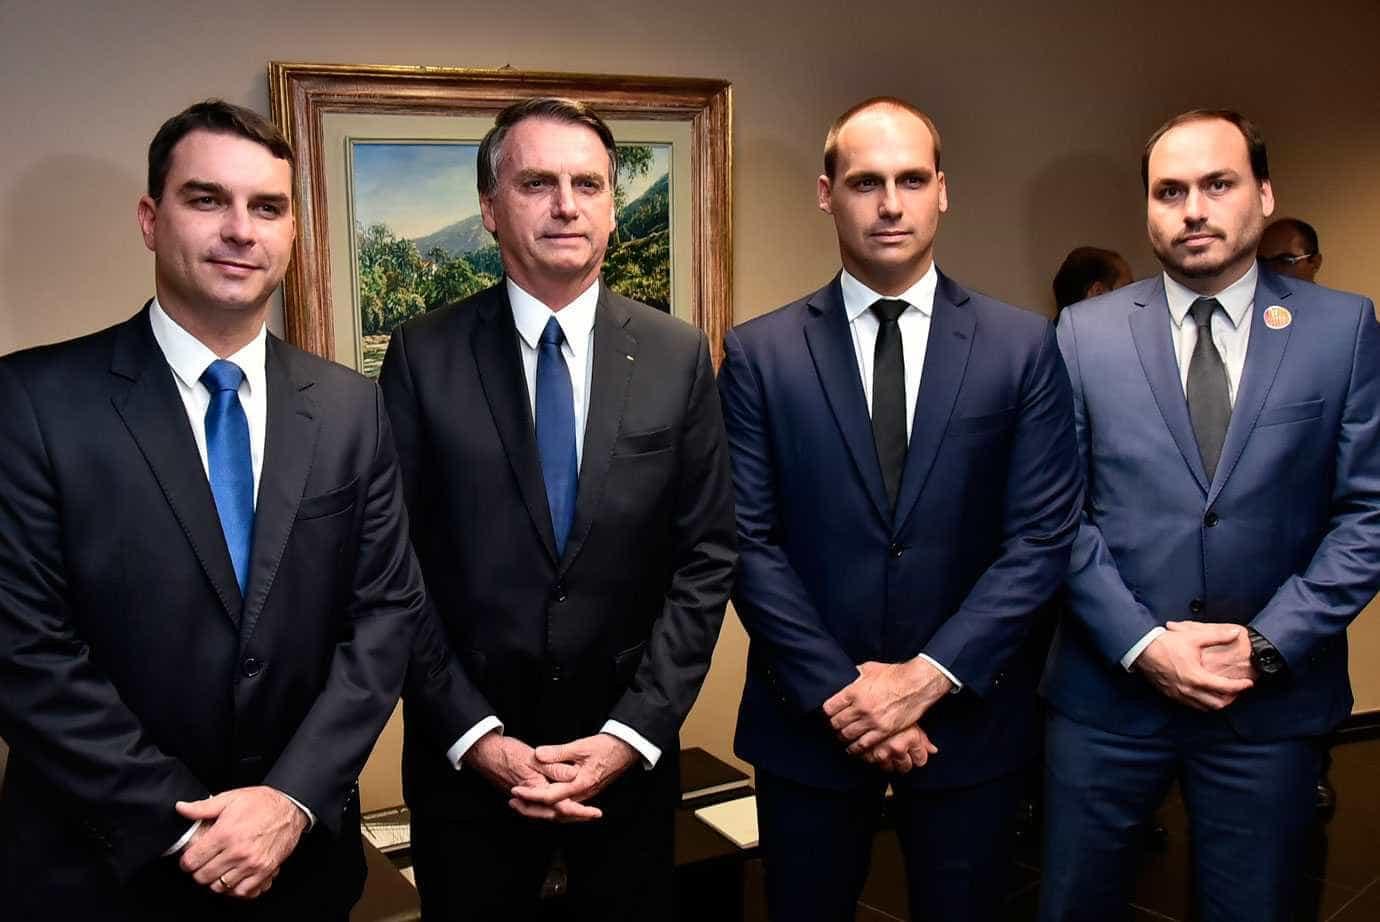 'Nenhum filho meu manda no governo, não existe isso', diz Bolsonaro